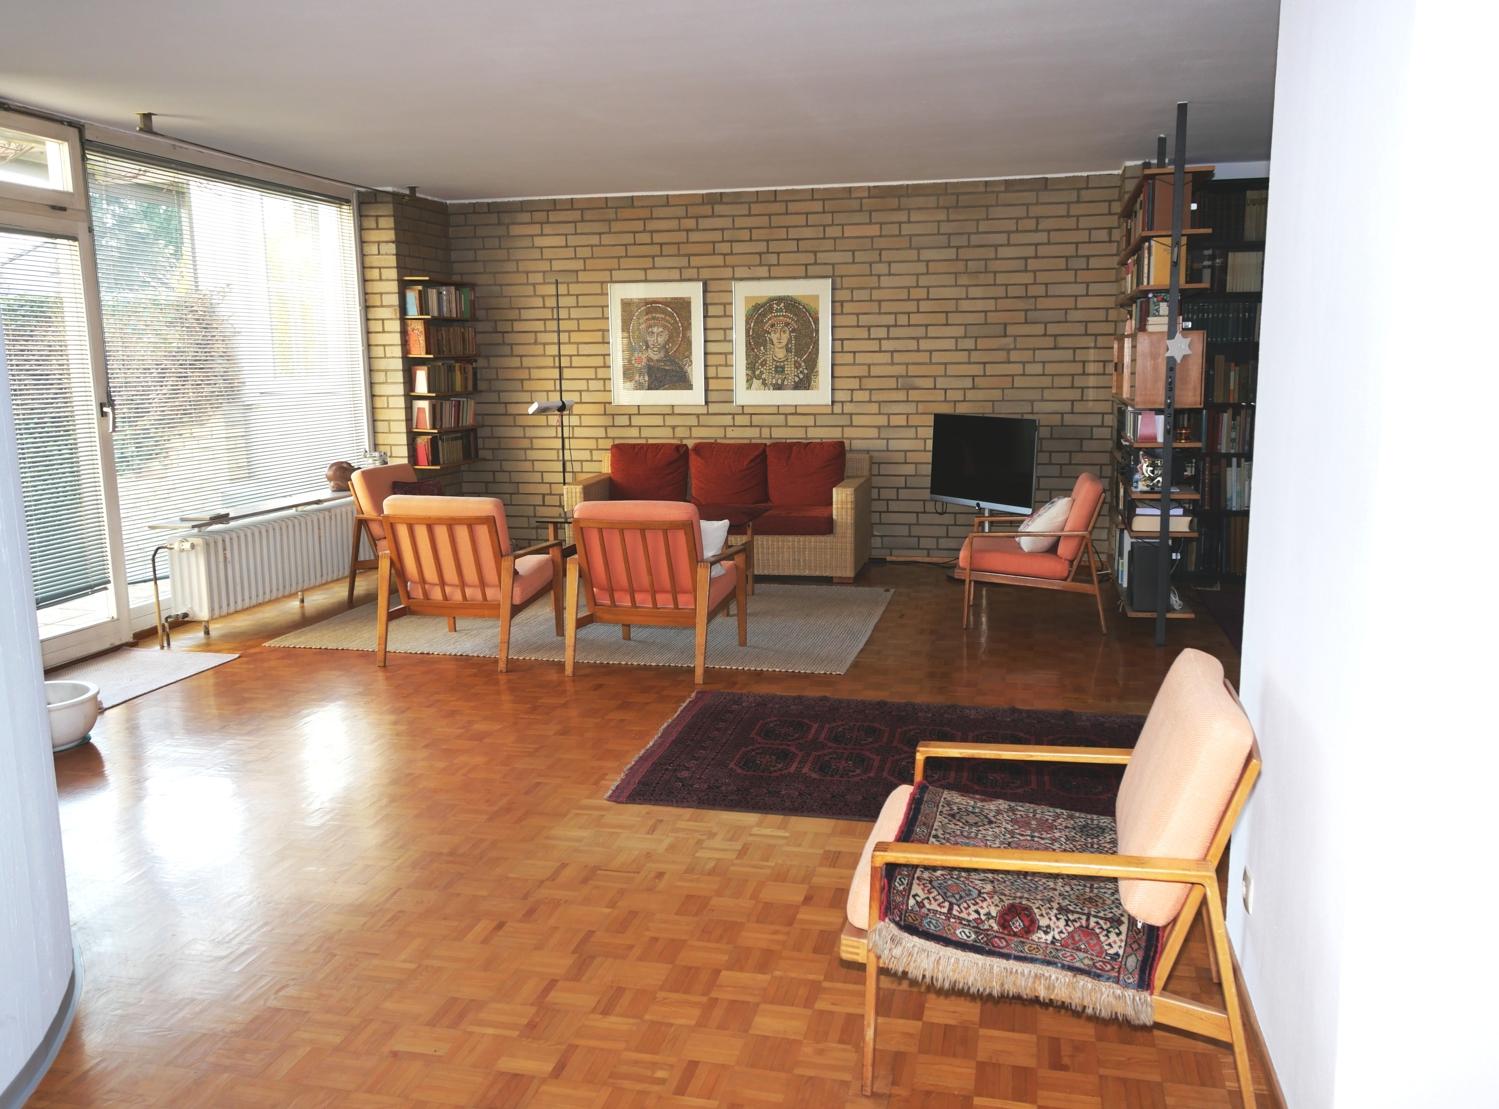 EG: Wohnzimmer Bild 1